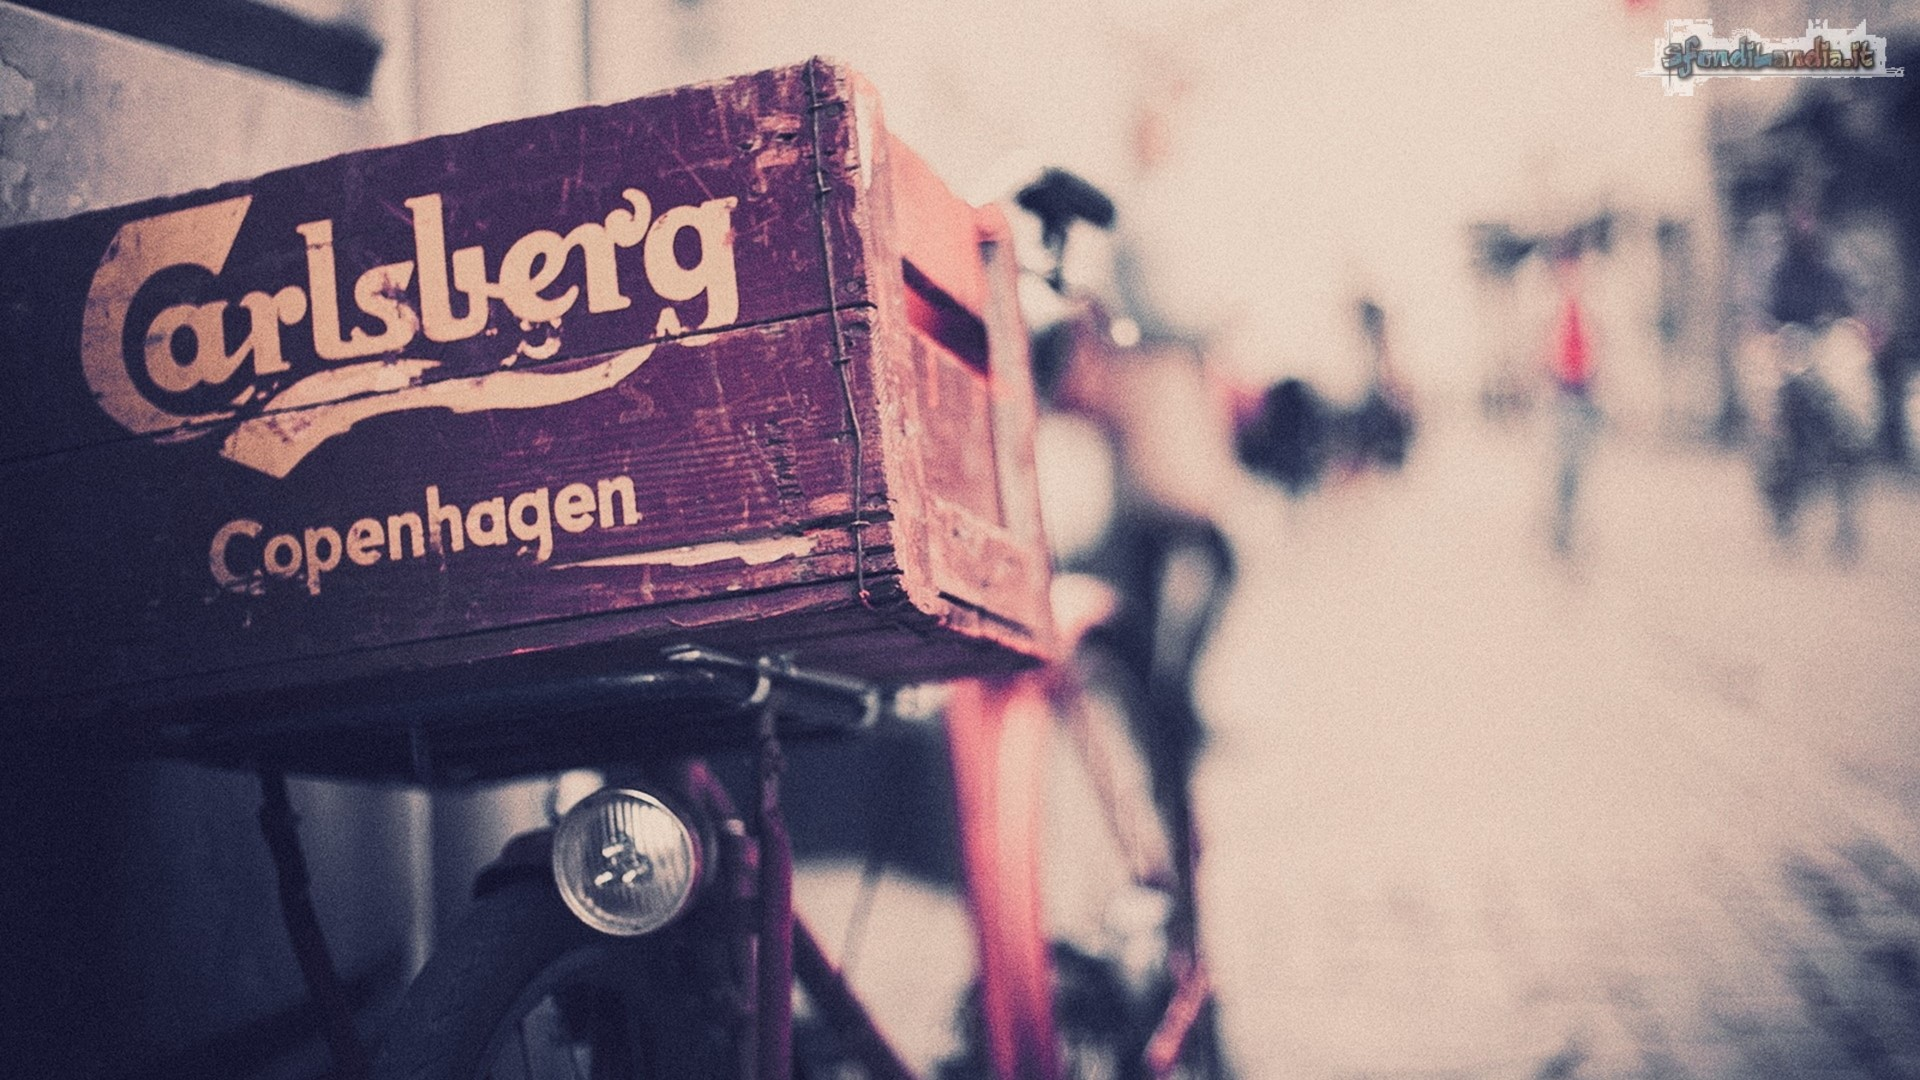 Carlsberg Vintage